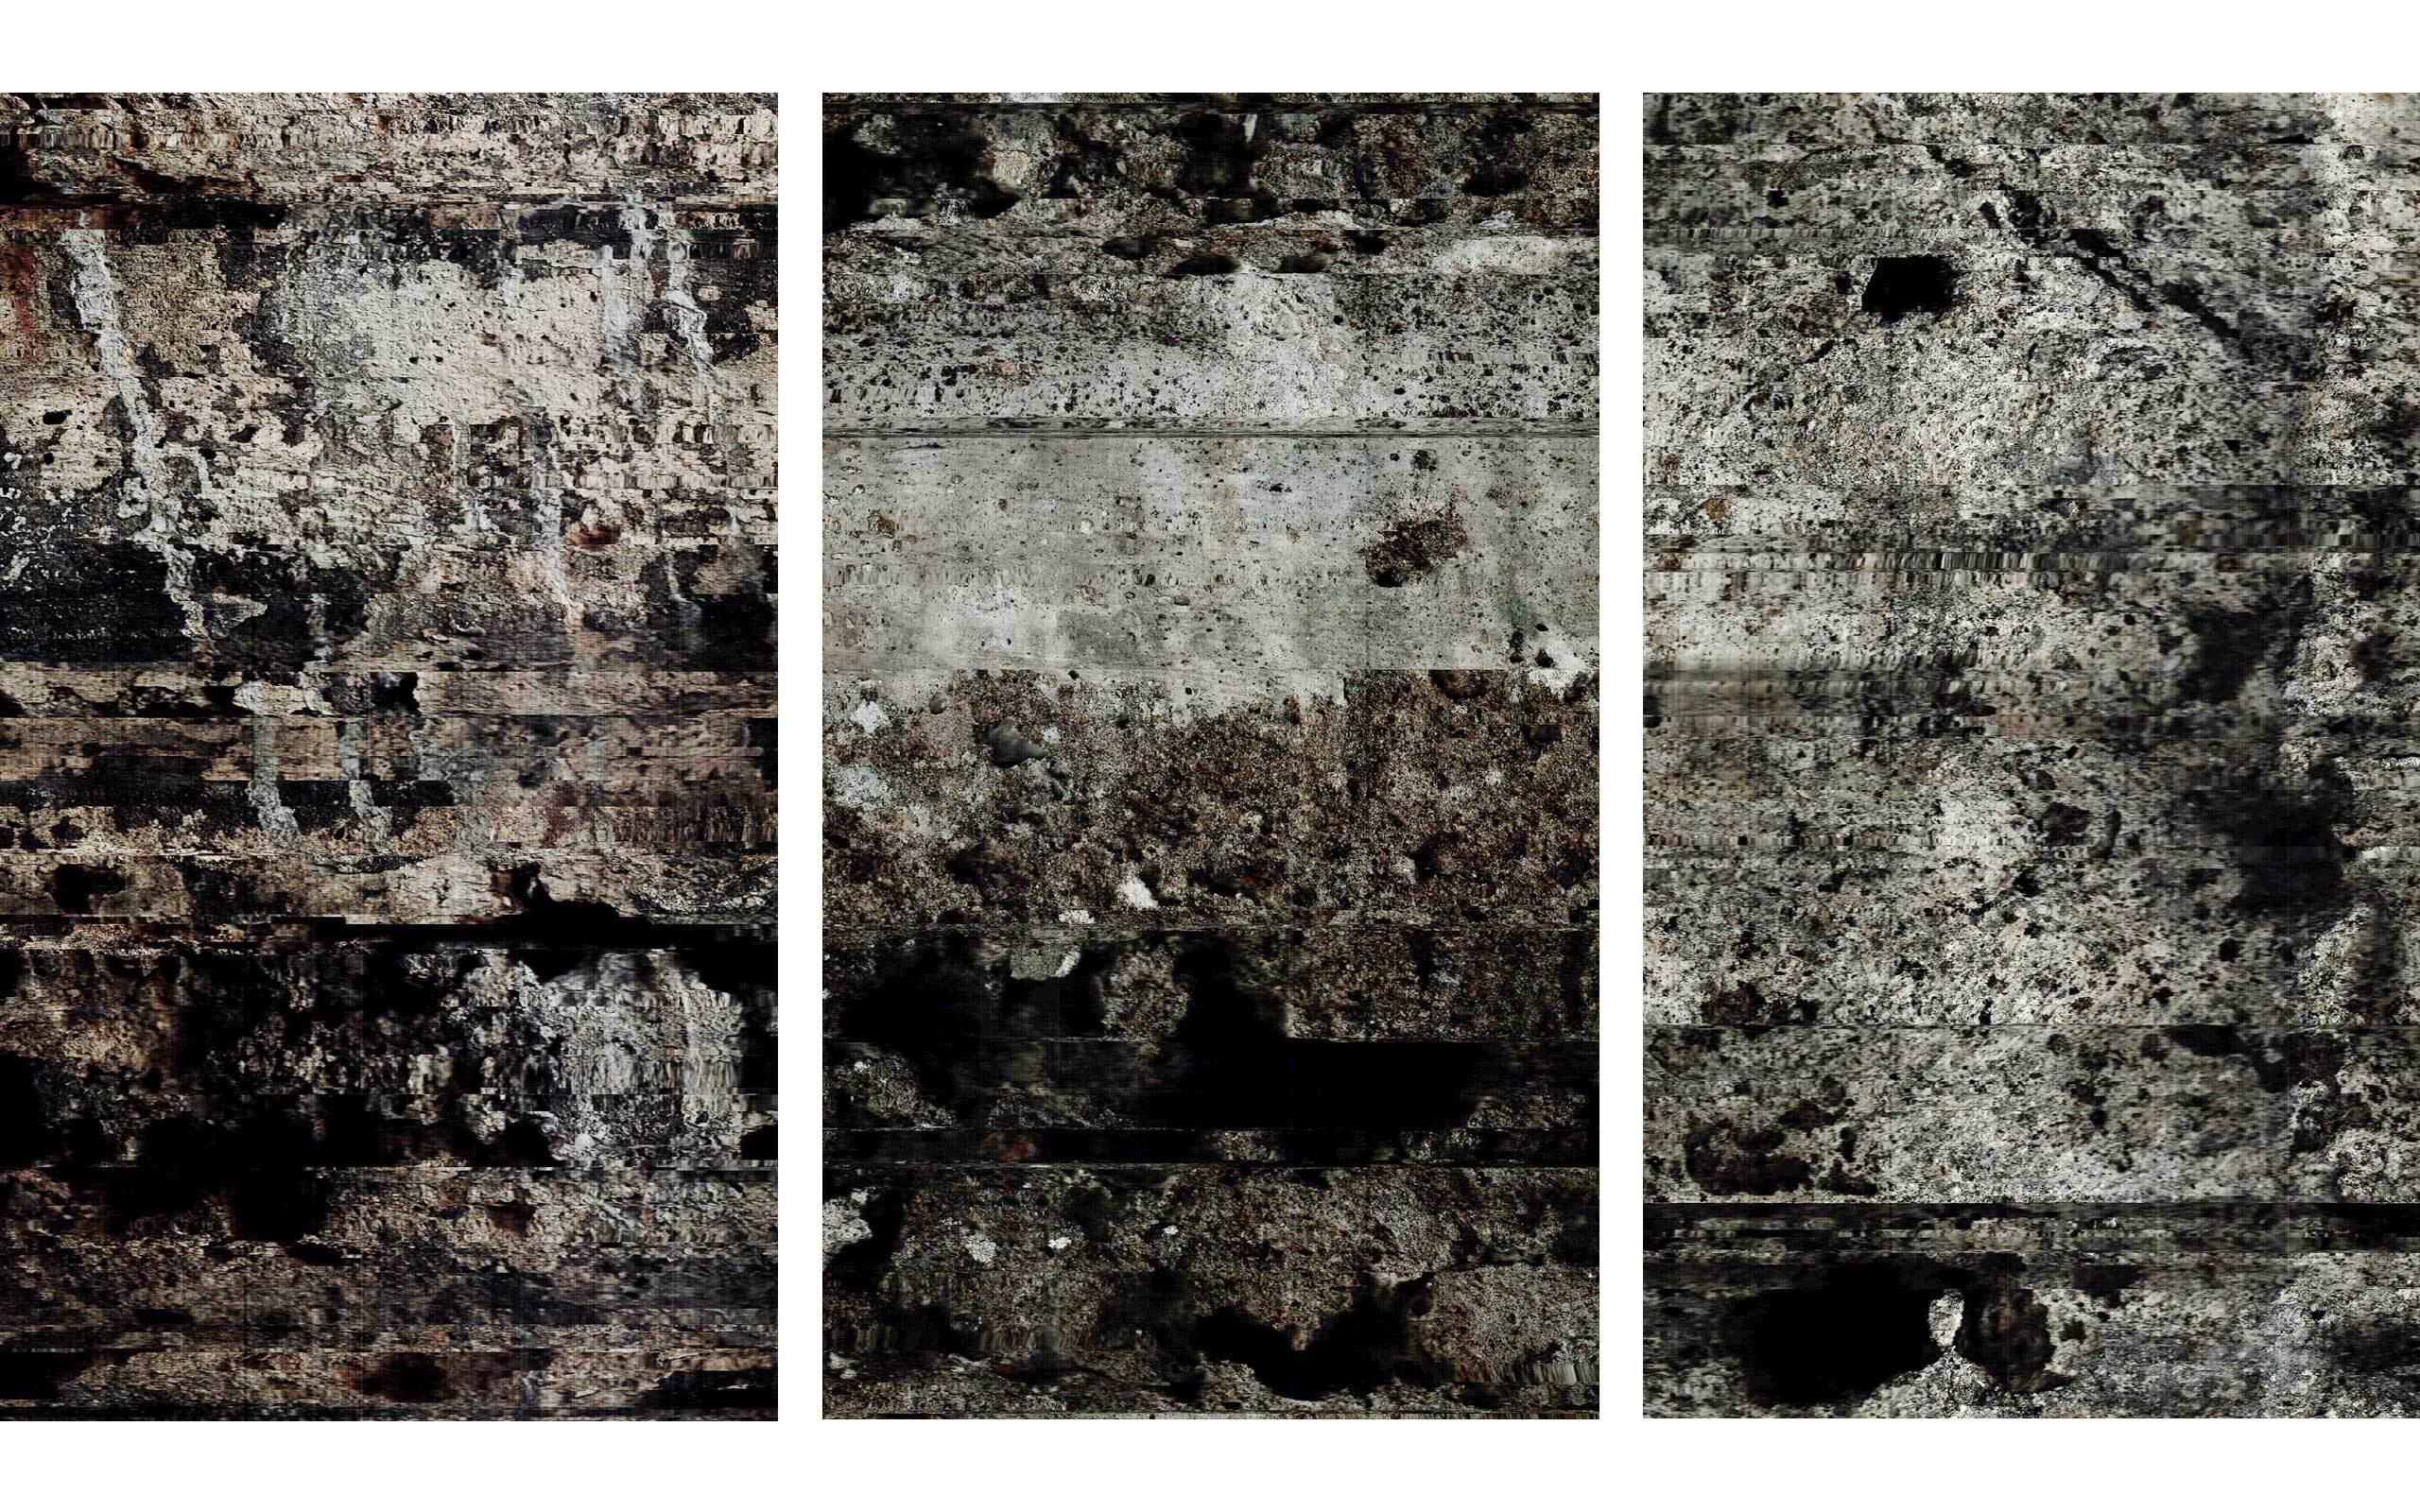 03 John Skoog limited-release art edition (Rift 7) West Wall; (Rift 8) East Wall; (Rift 9) West Wall